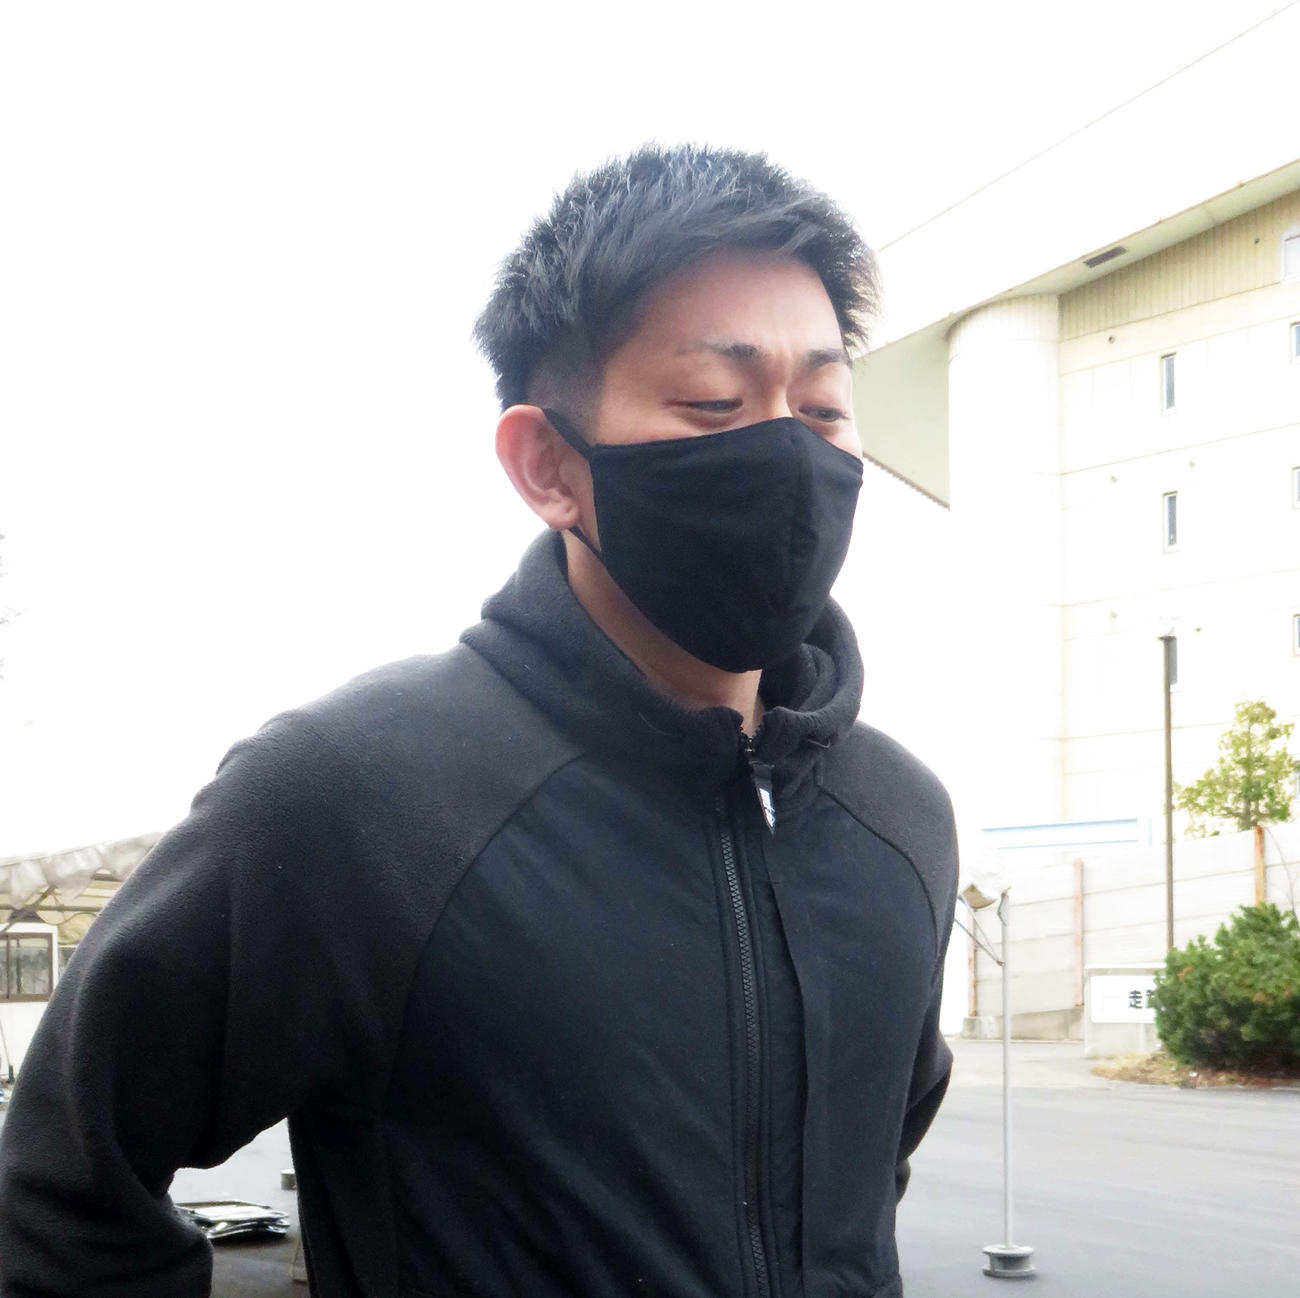 復帰戦での大敗でやる気が入った松沢敬輔(撮影・山本幸史)